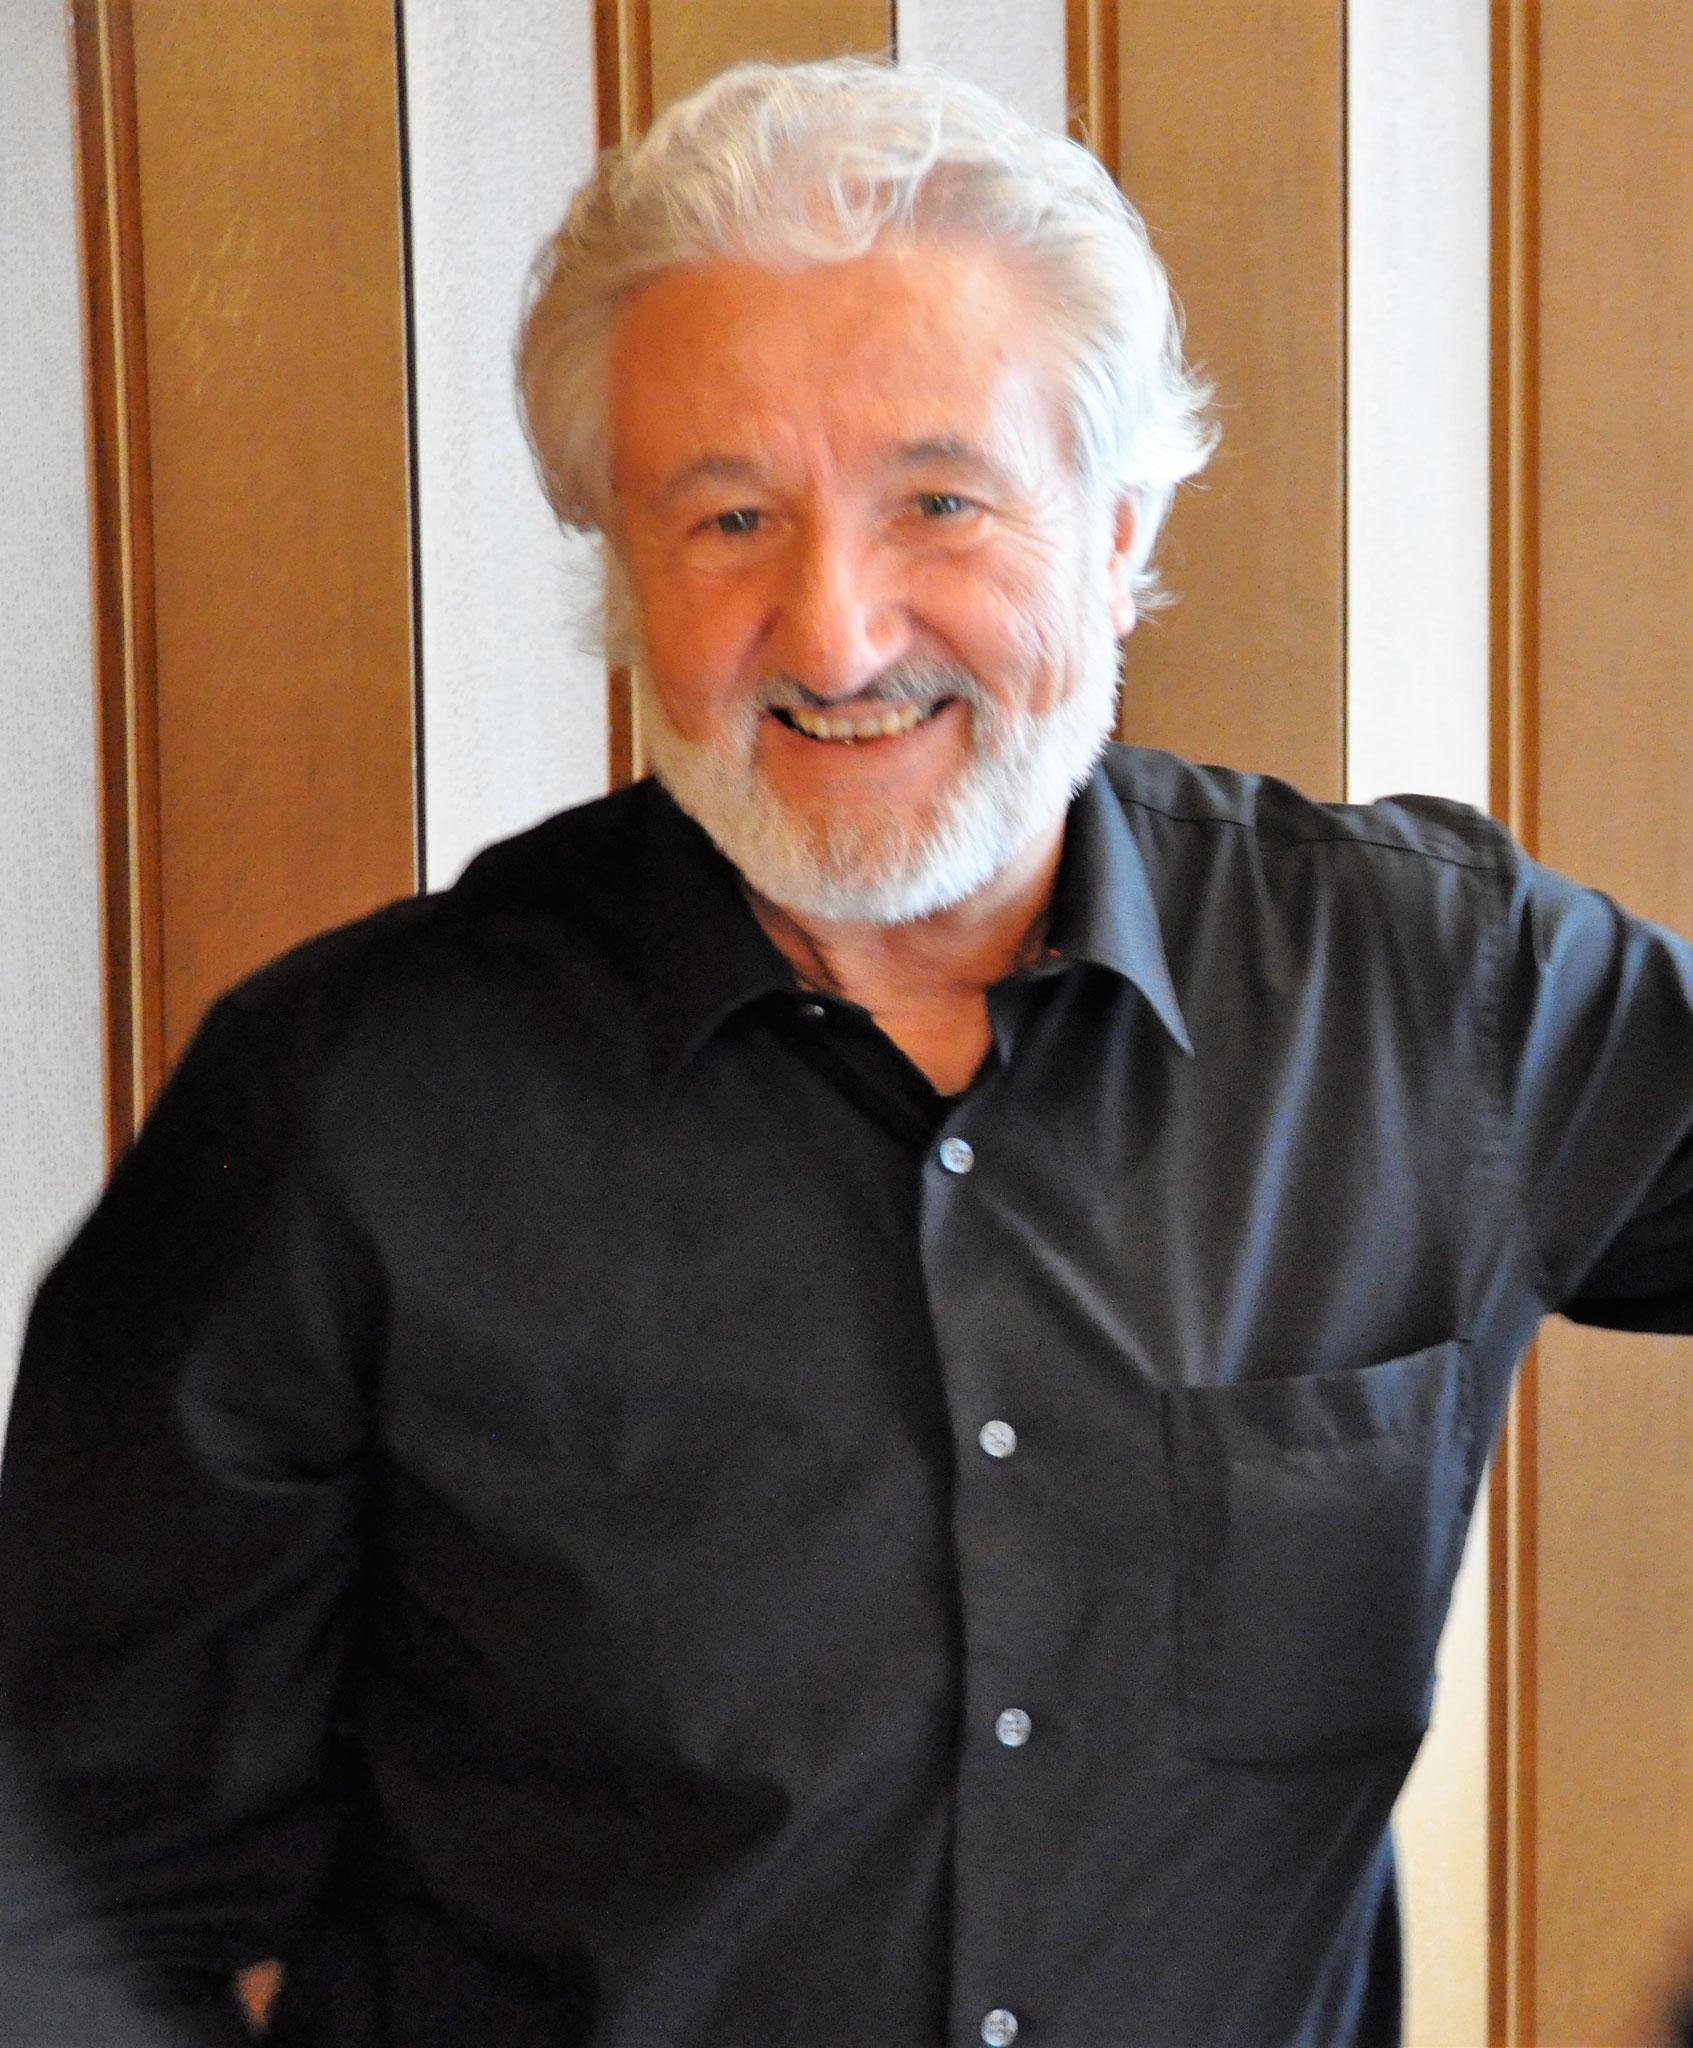 Wilfried Schütz, Feier zum Tag der Astrologie vom 18. März 2017